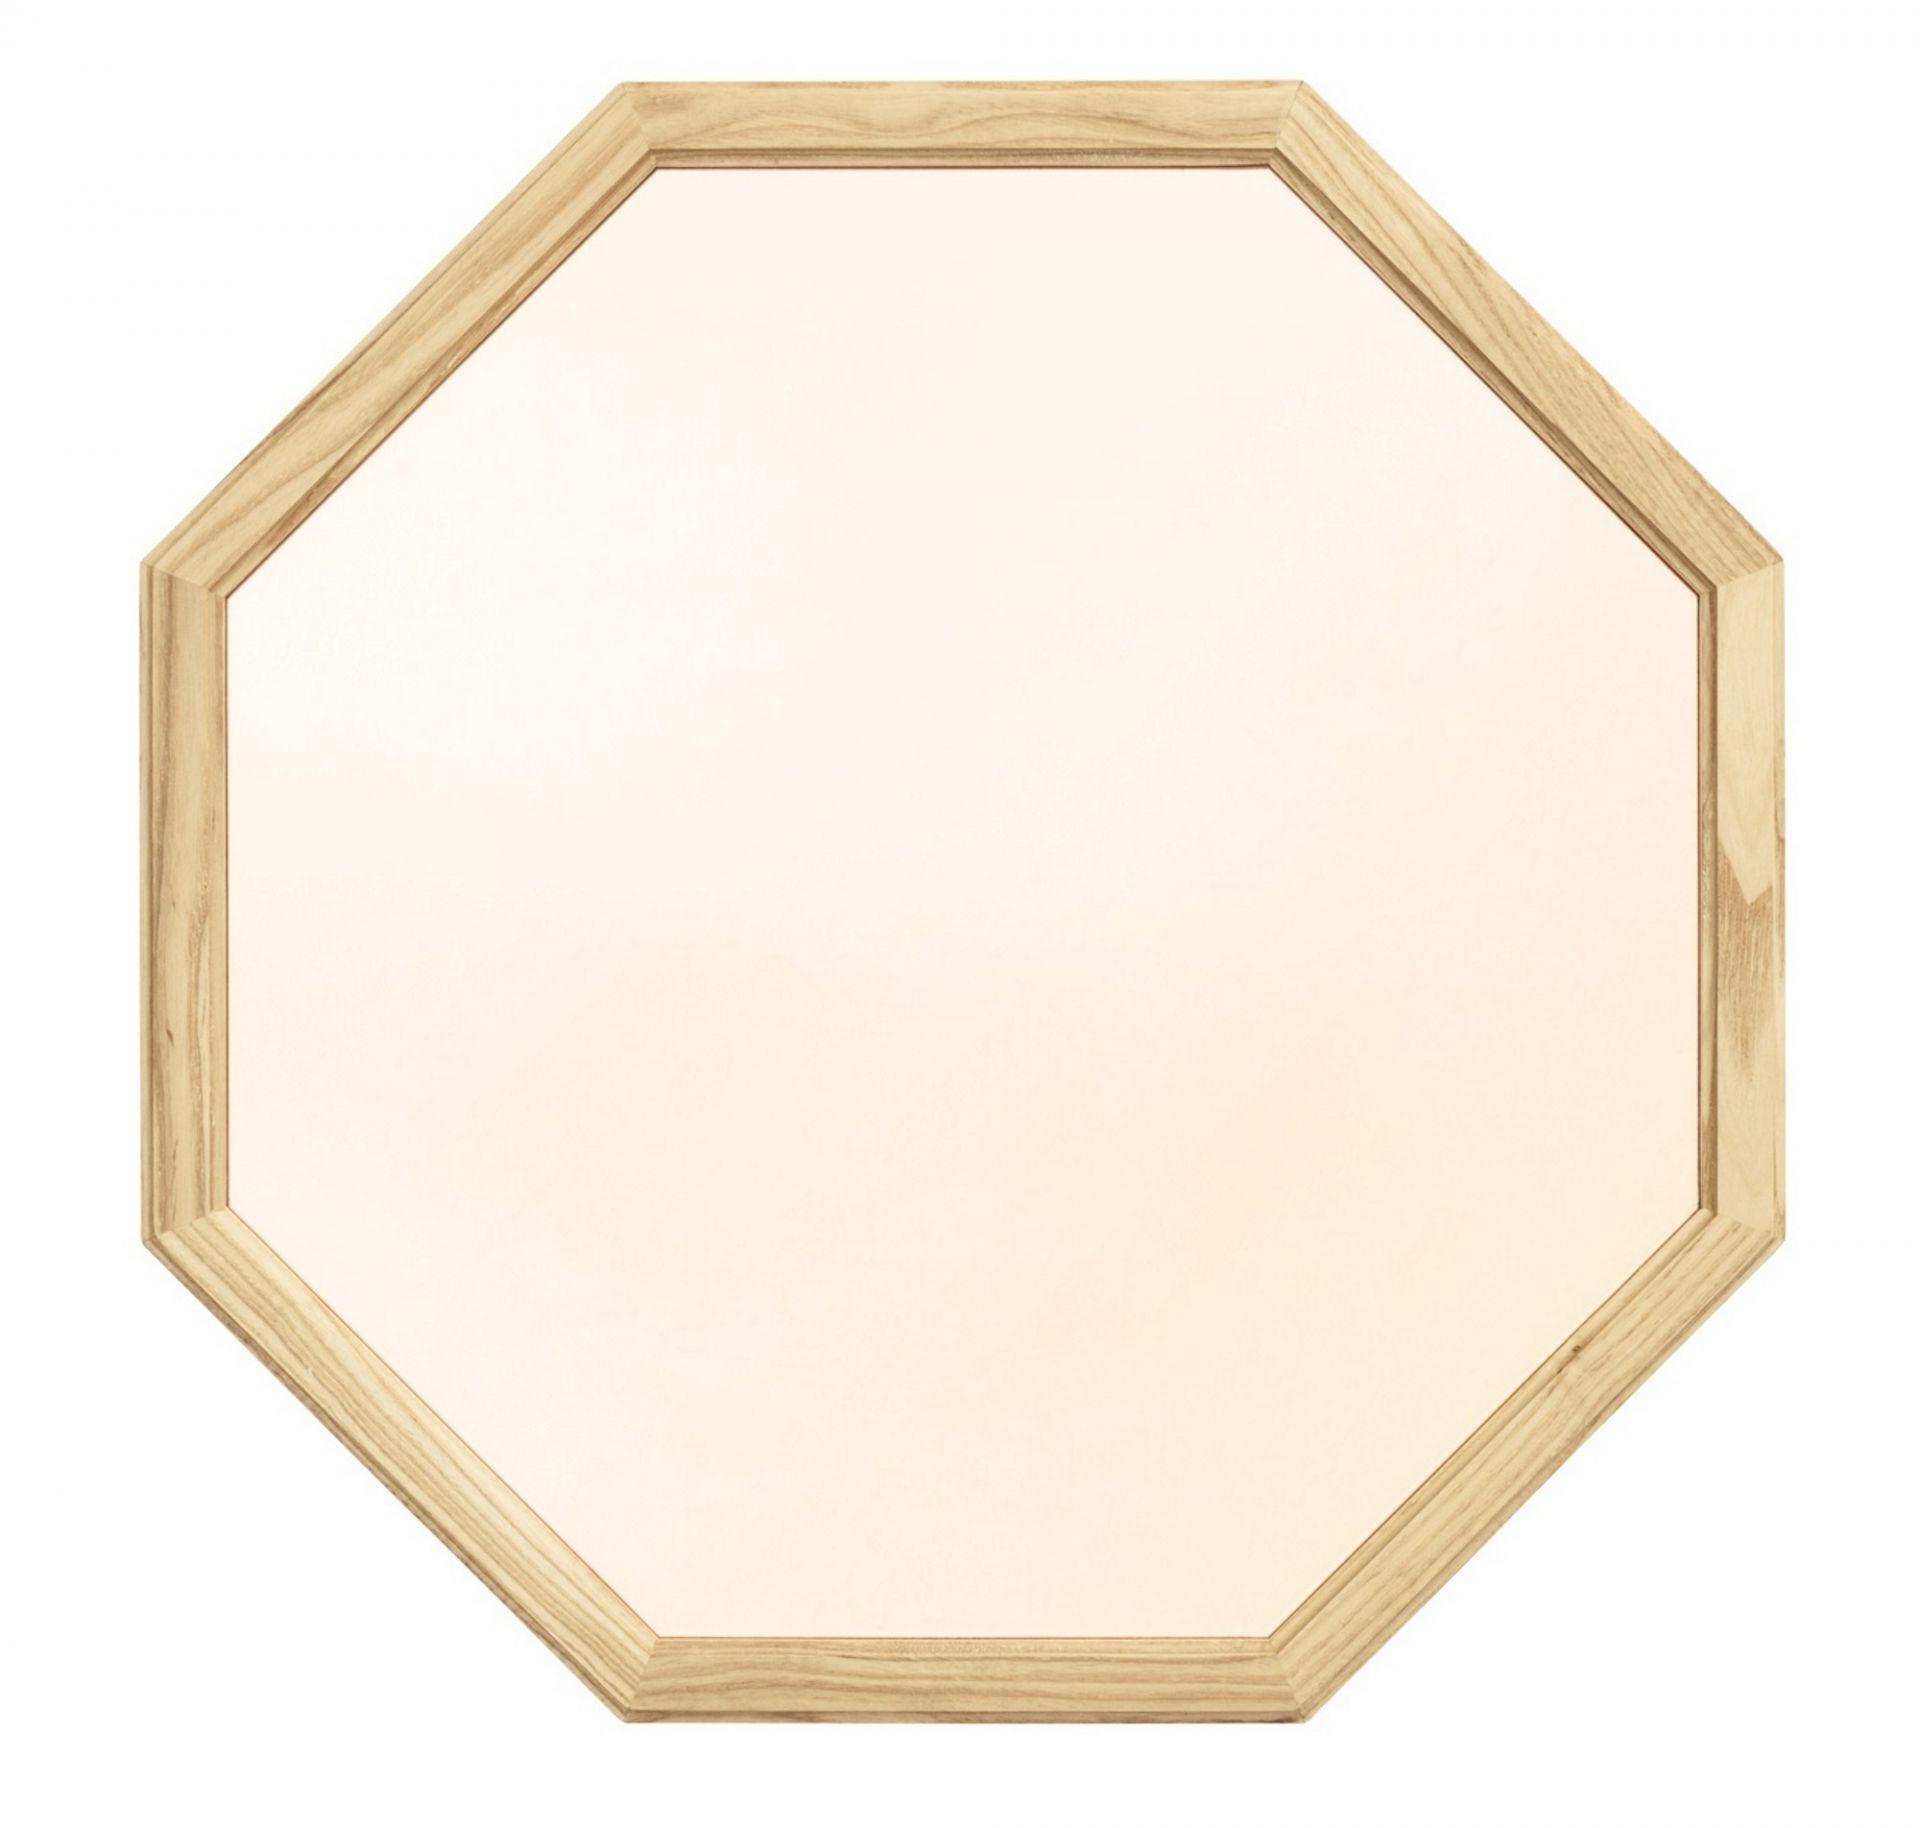 Lust Mirror Spiegel mittel Normann Copenhagen-gold